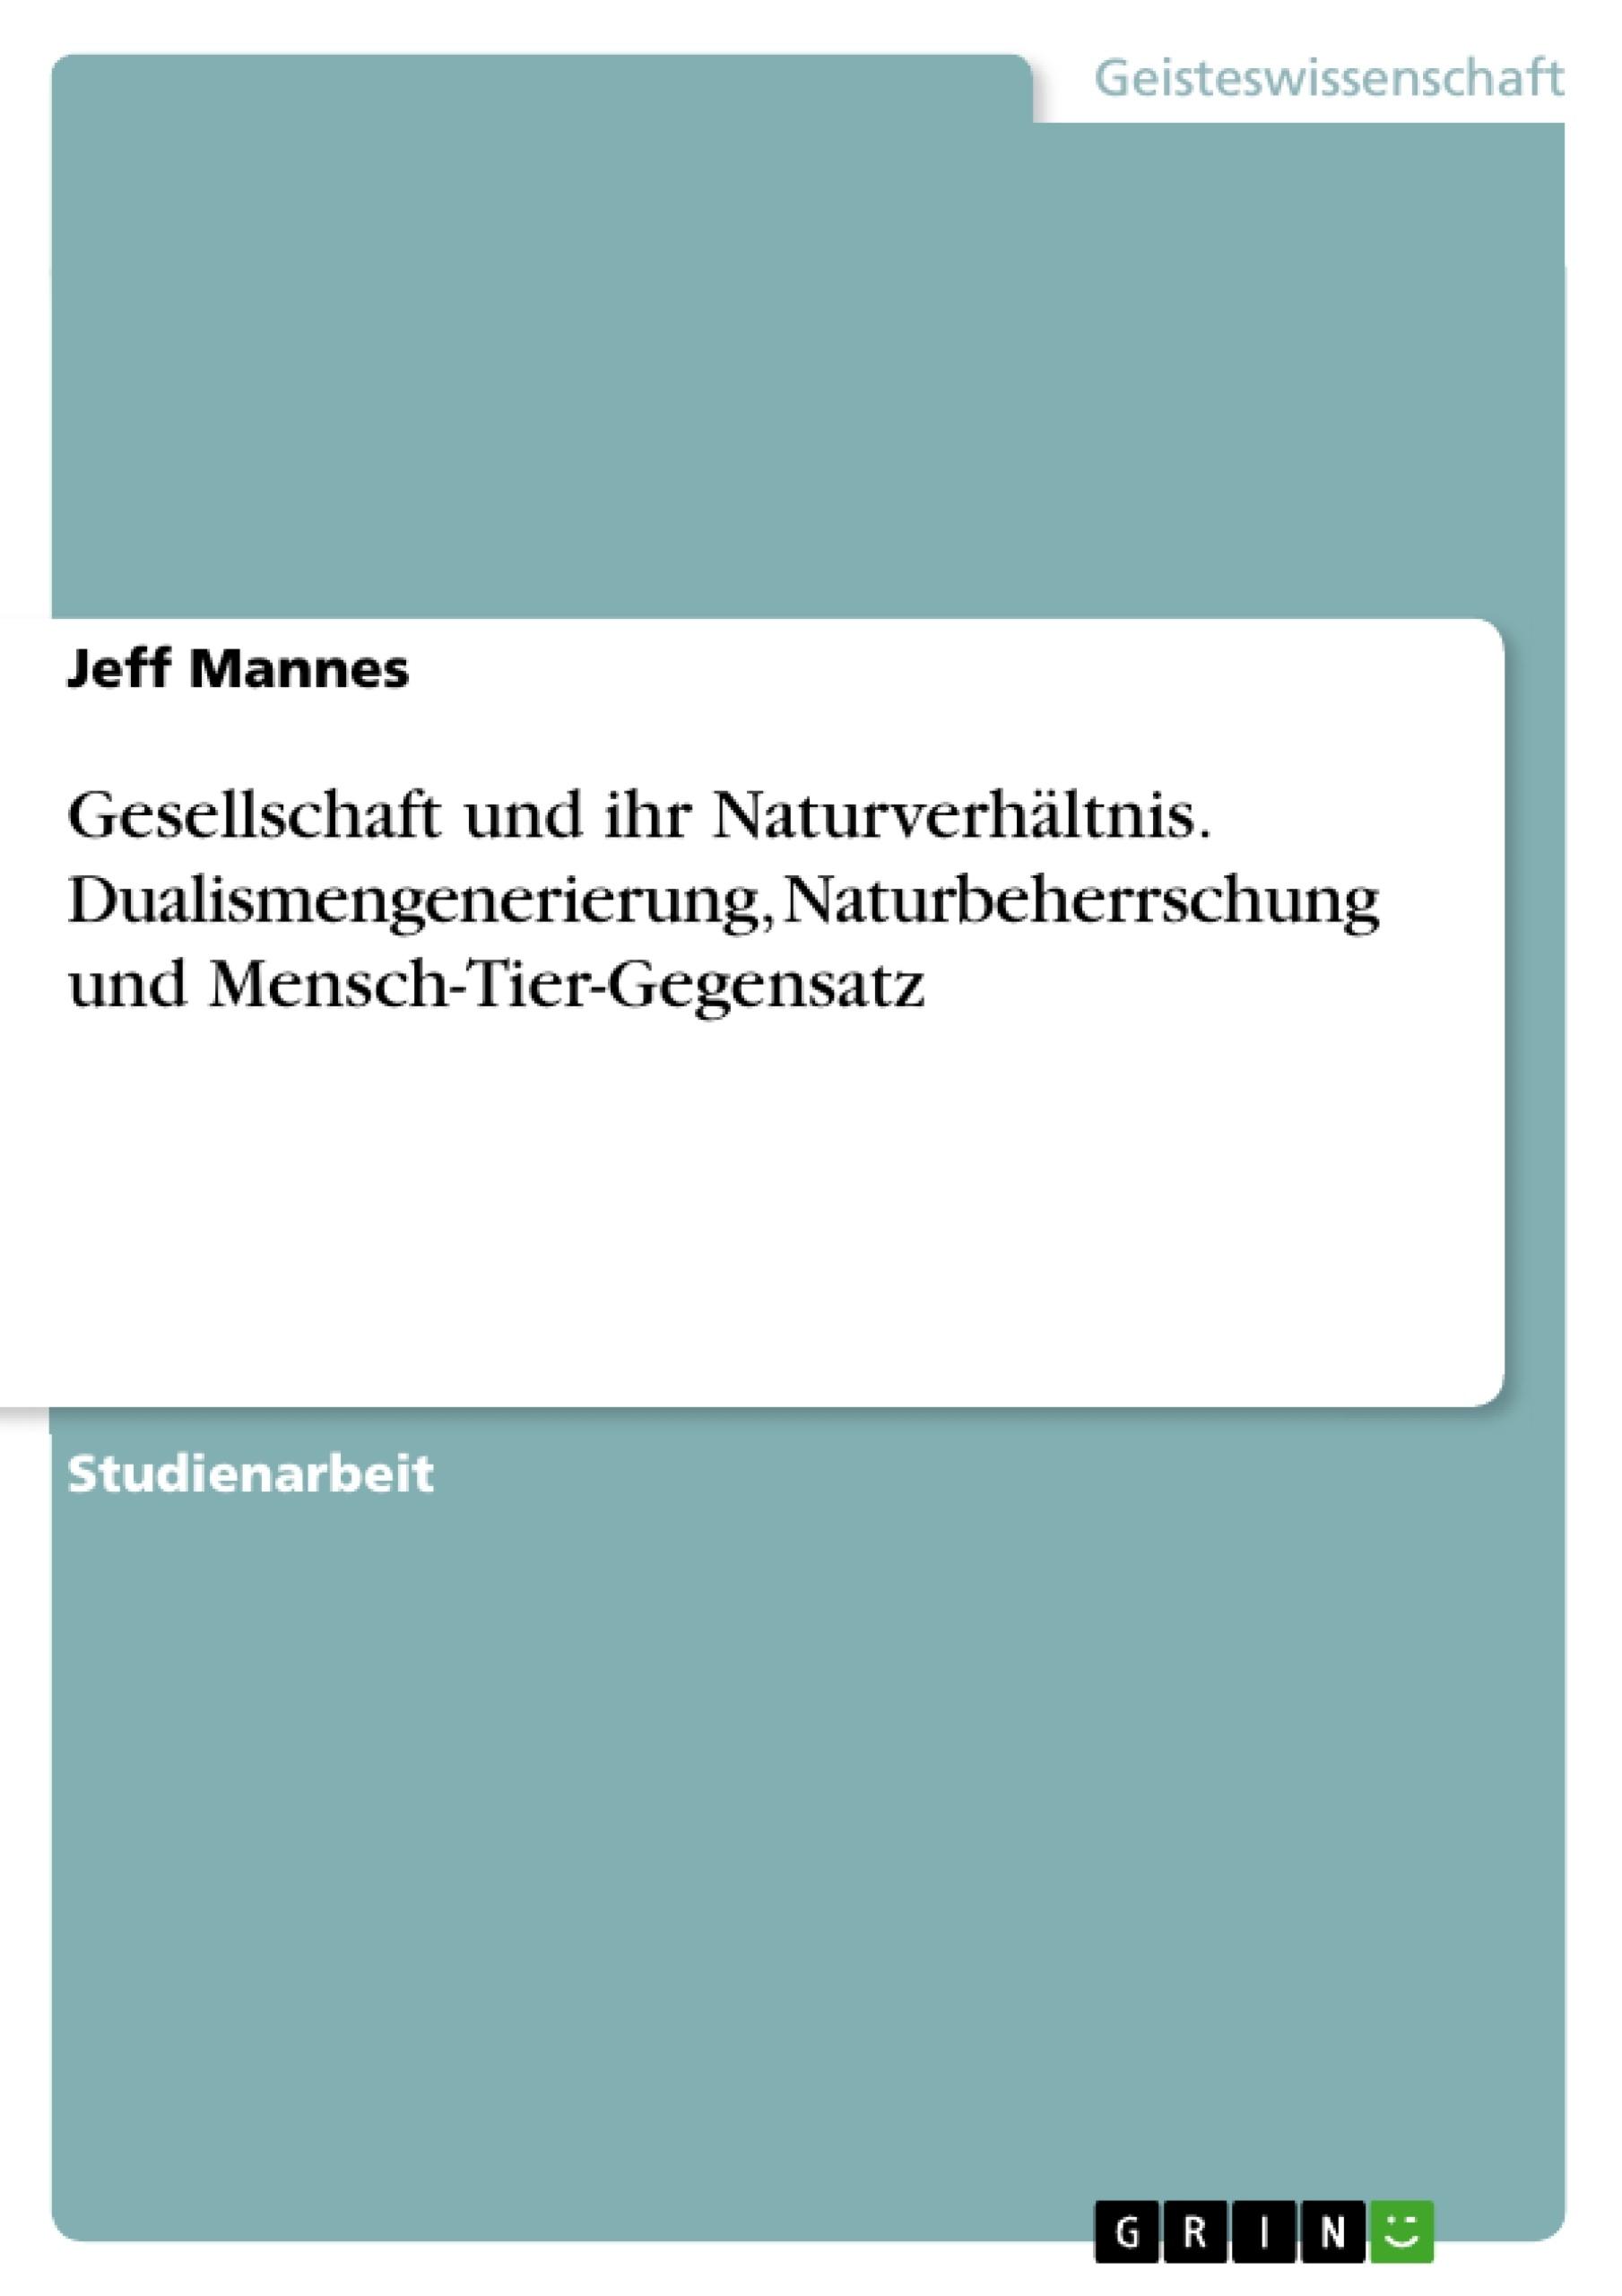 Titel: Gesellschaft und ihr Naturverhältnis. Dualismengenerierung, Naturbeherrschung und Mensch-Tier-Gegensatz